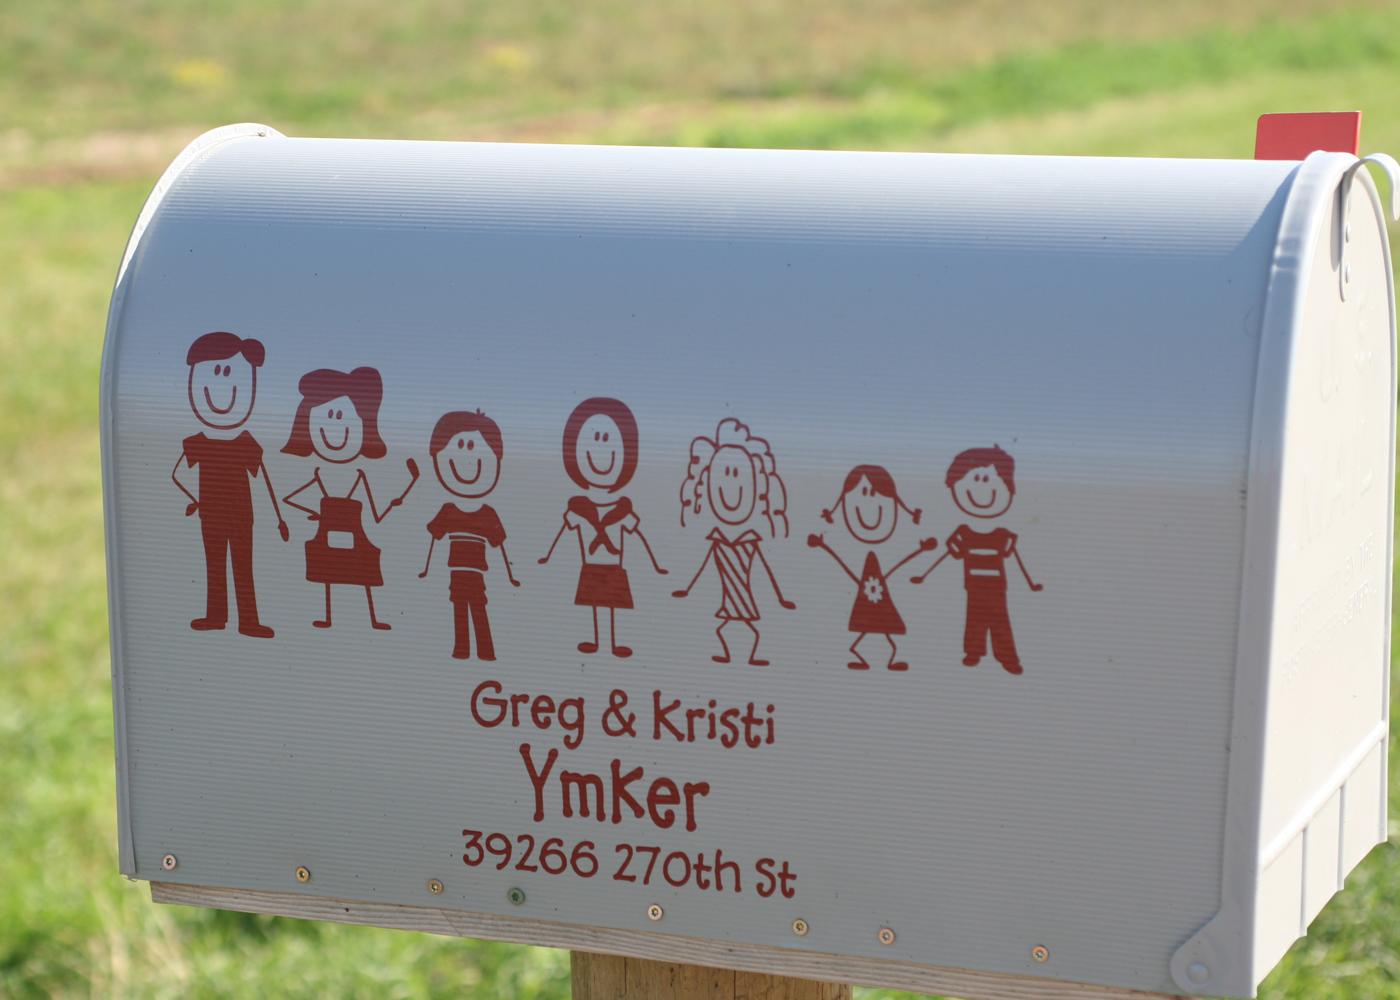 stick-people-vinyl-decals-on-white-mailbox.jpg